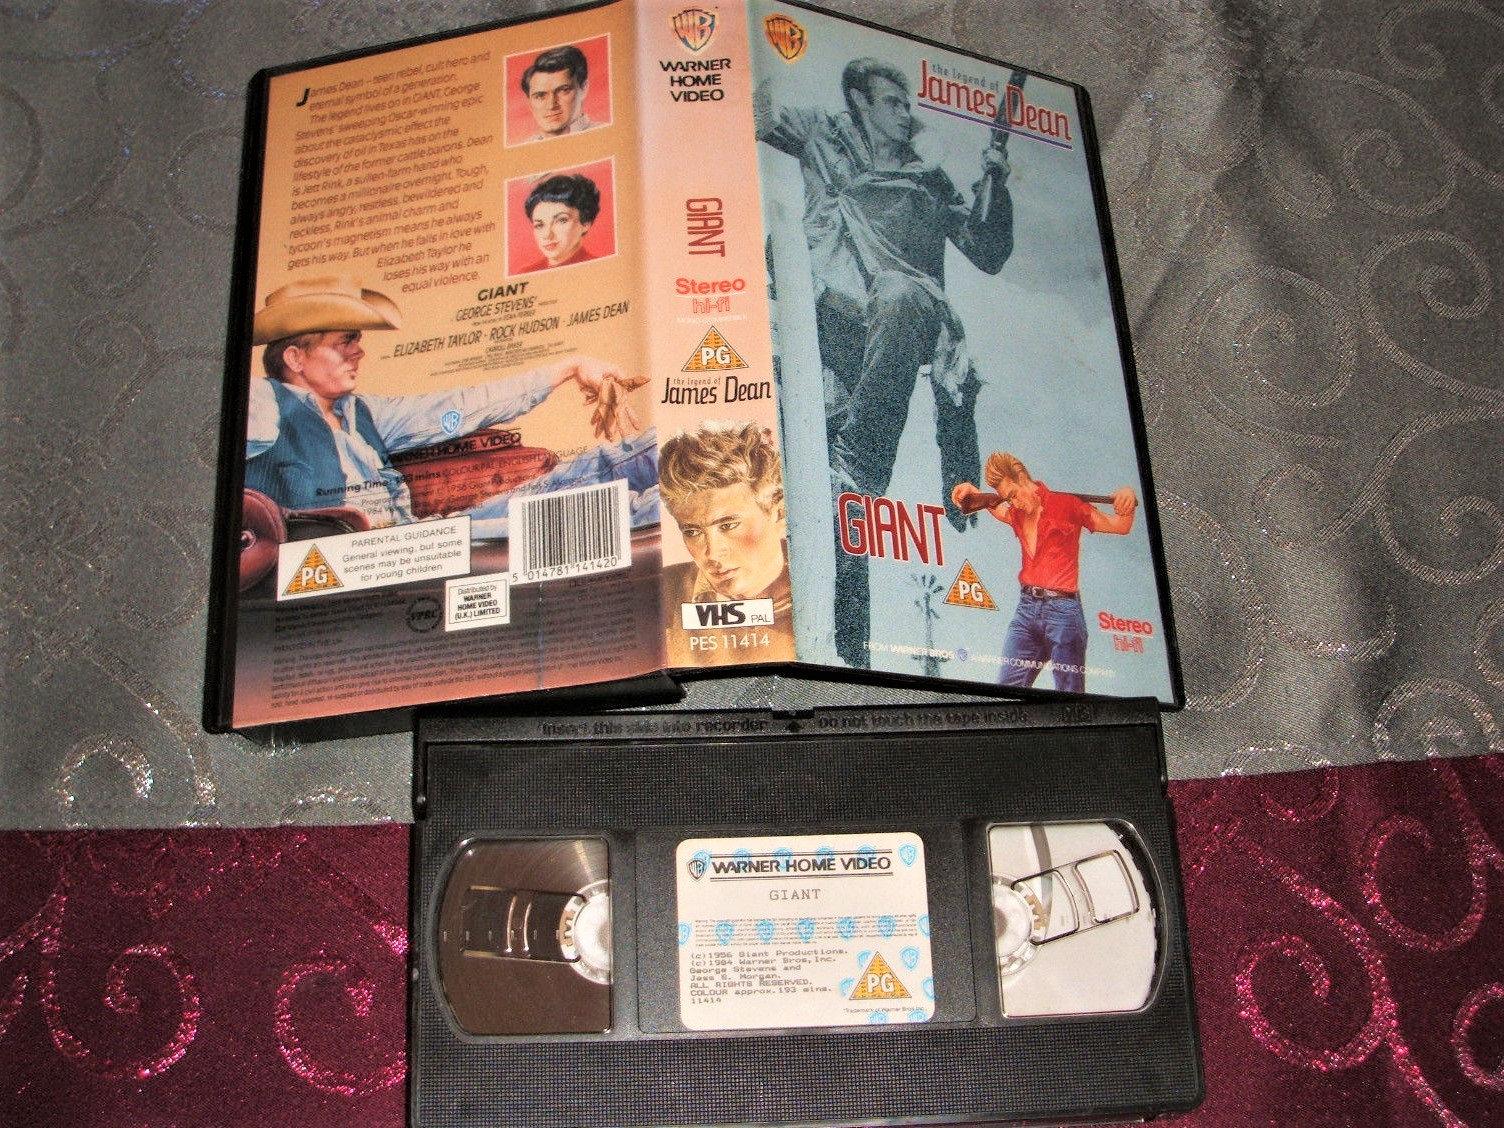 Die Legende von James Dean / / Riesen / / VHS-Cassette